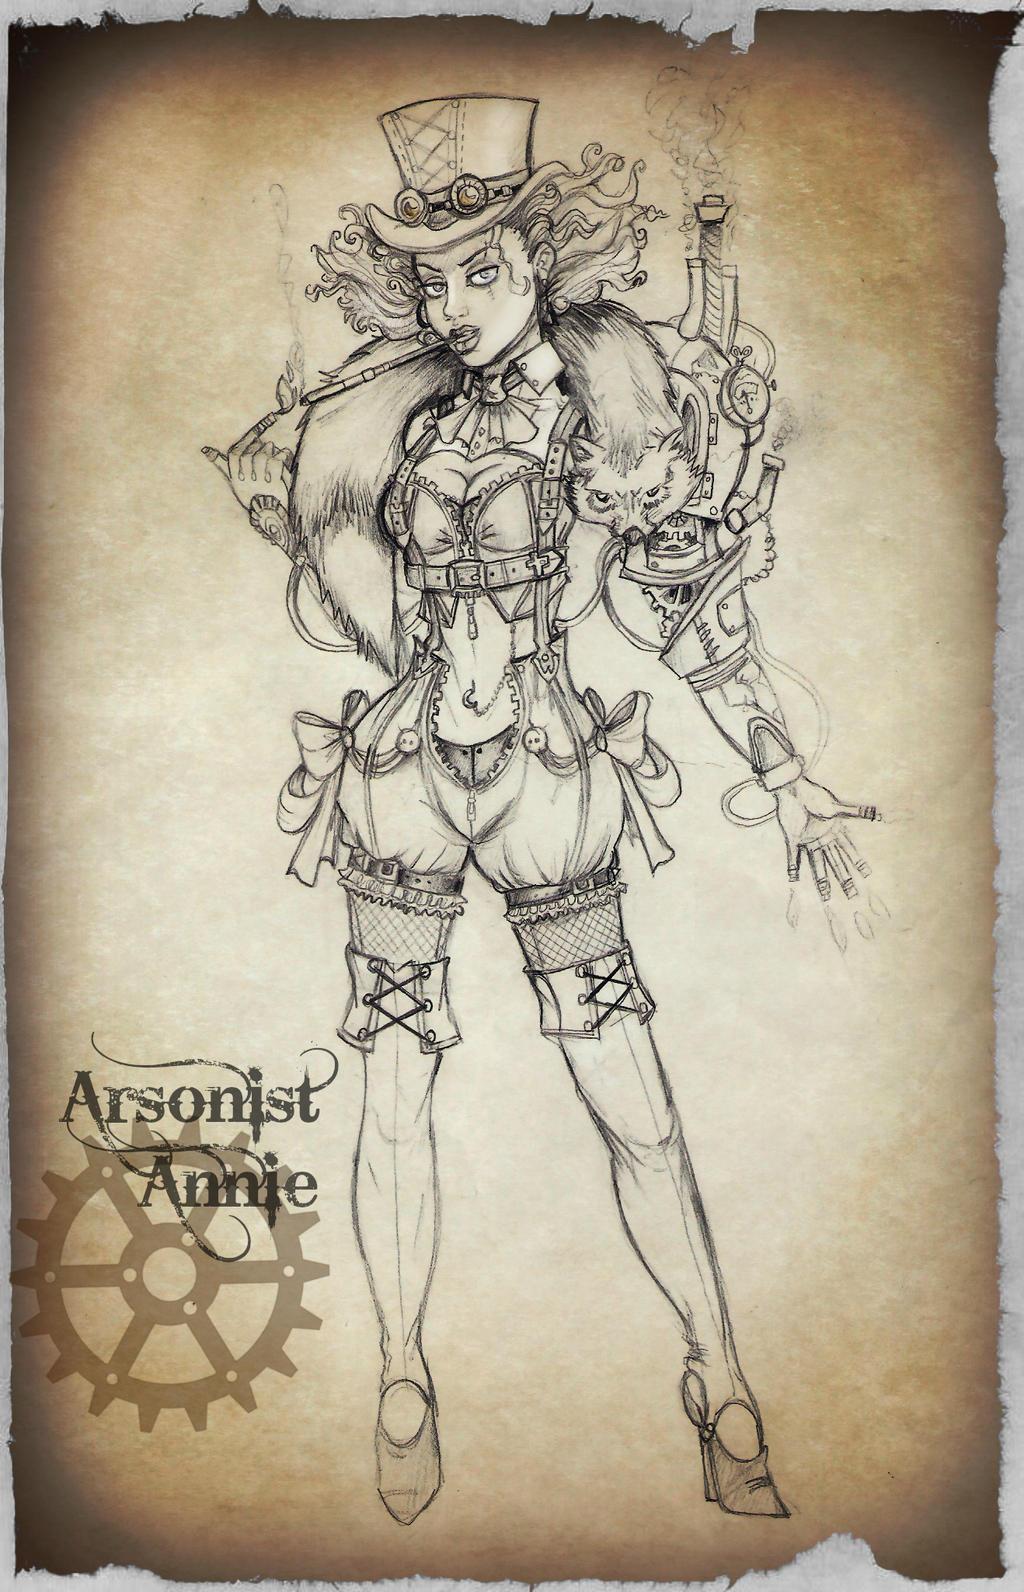 Steampunk Project - Arsonist Annie